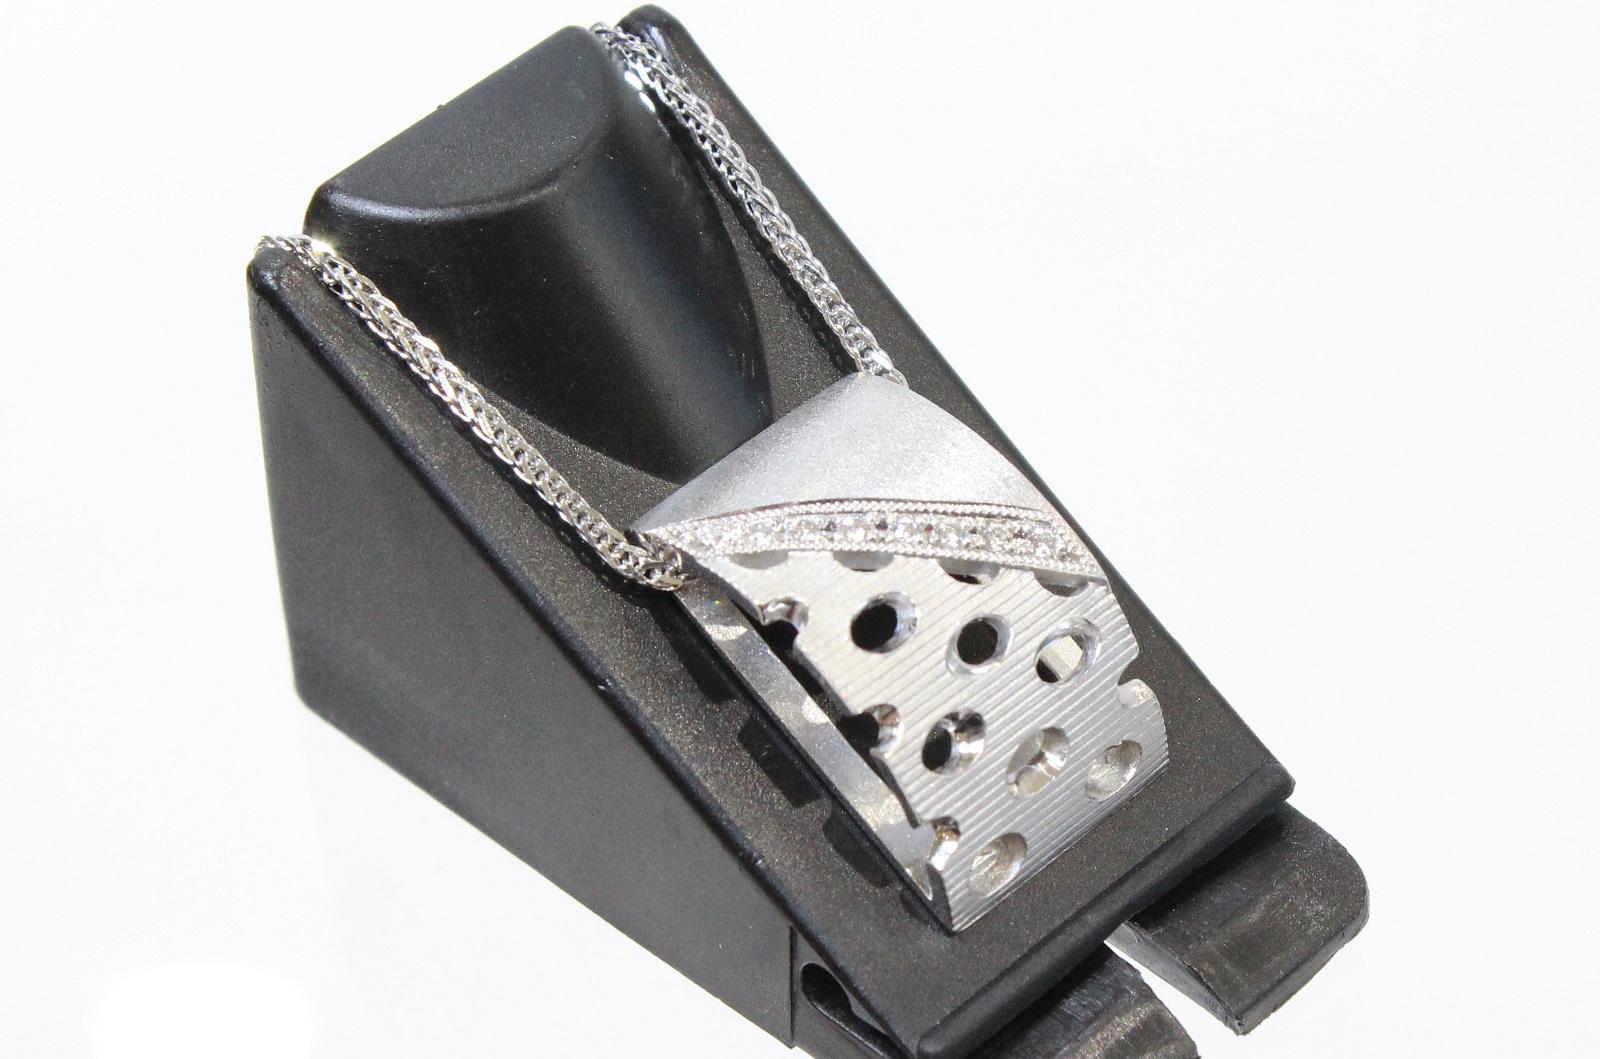 ダイヤモンドネックレスダイヤモンド0.07ct K18WG8.7g 50cm アジャスター付長めネックレス デザイン 上品ギフト包装可 【中古】